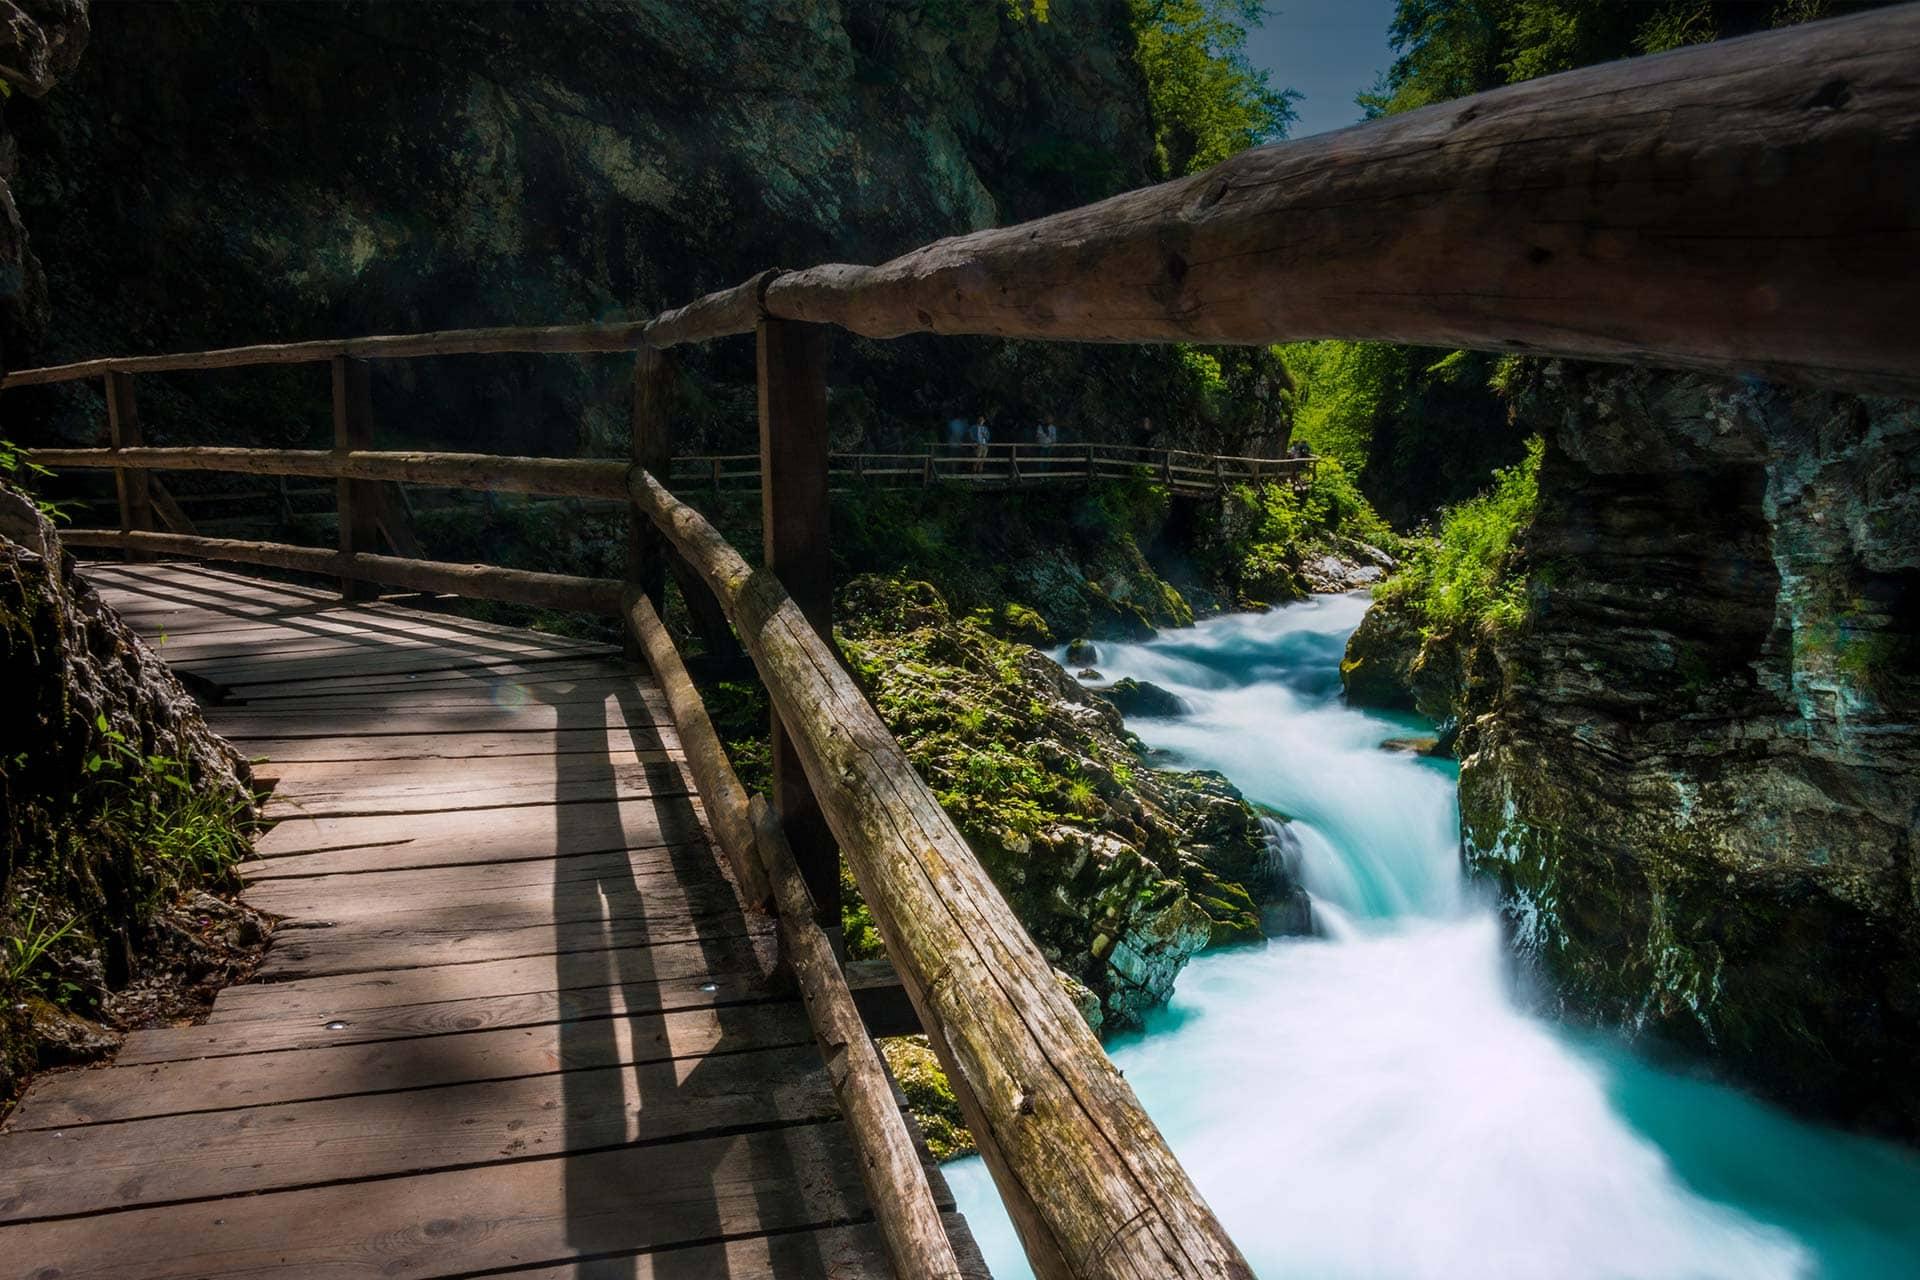 Mooiste plekken in Europa